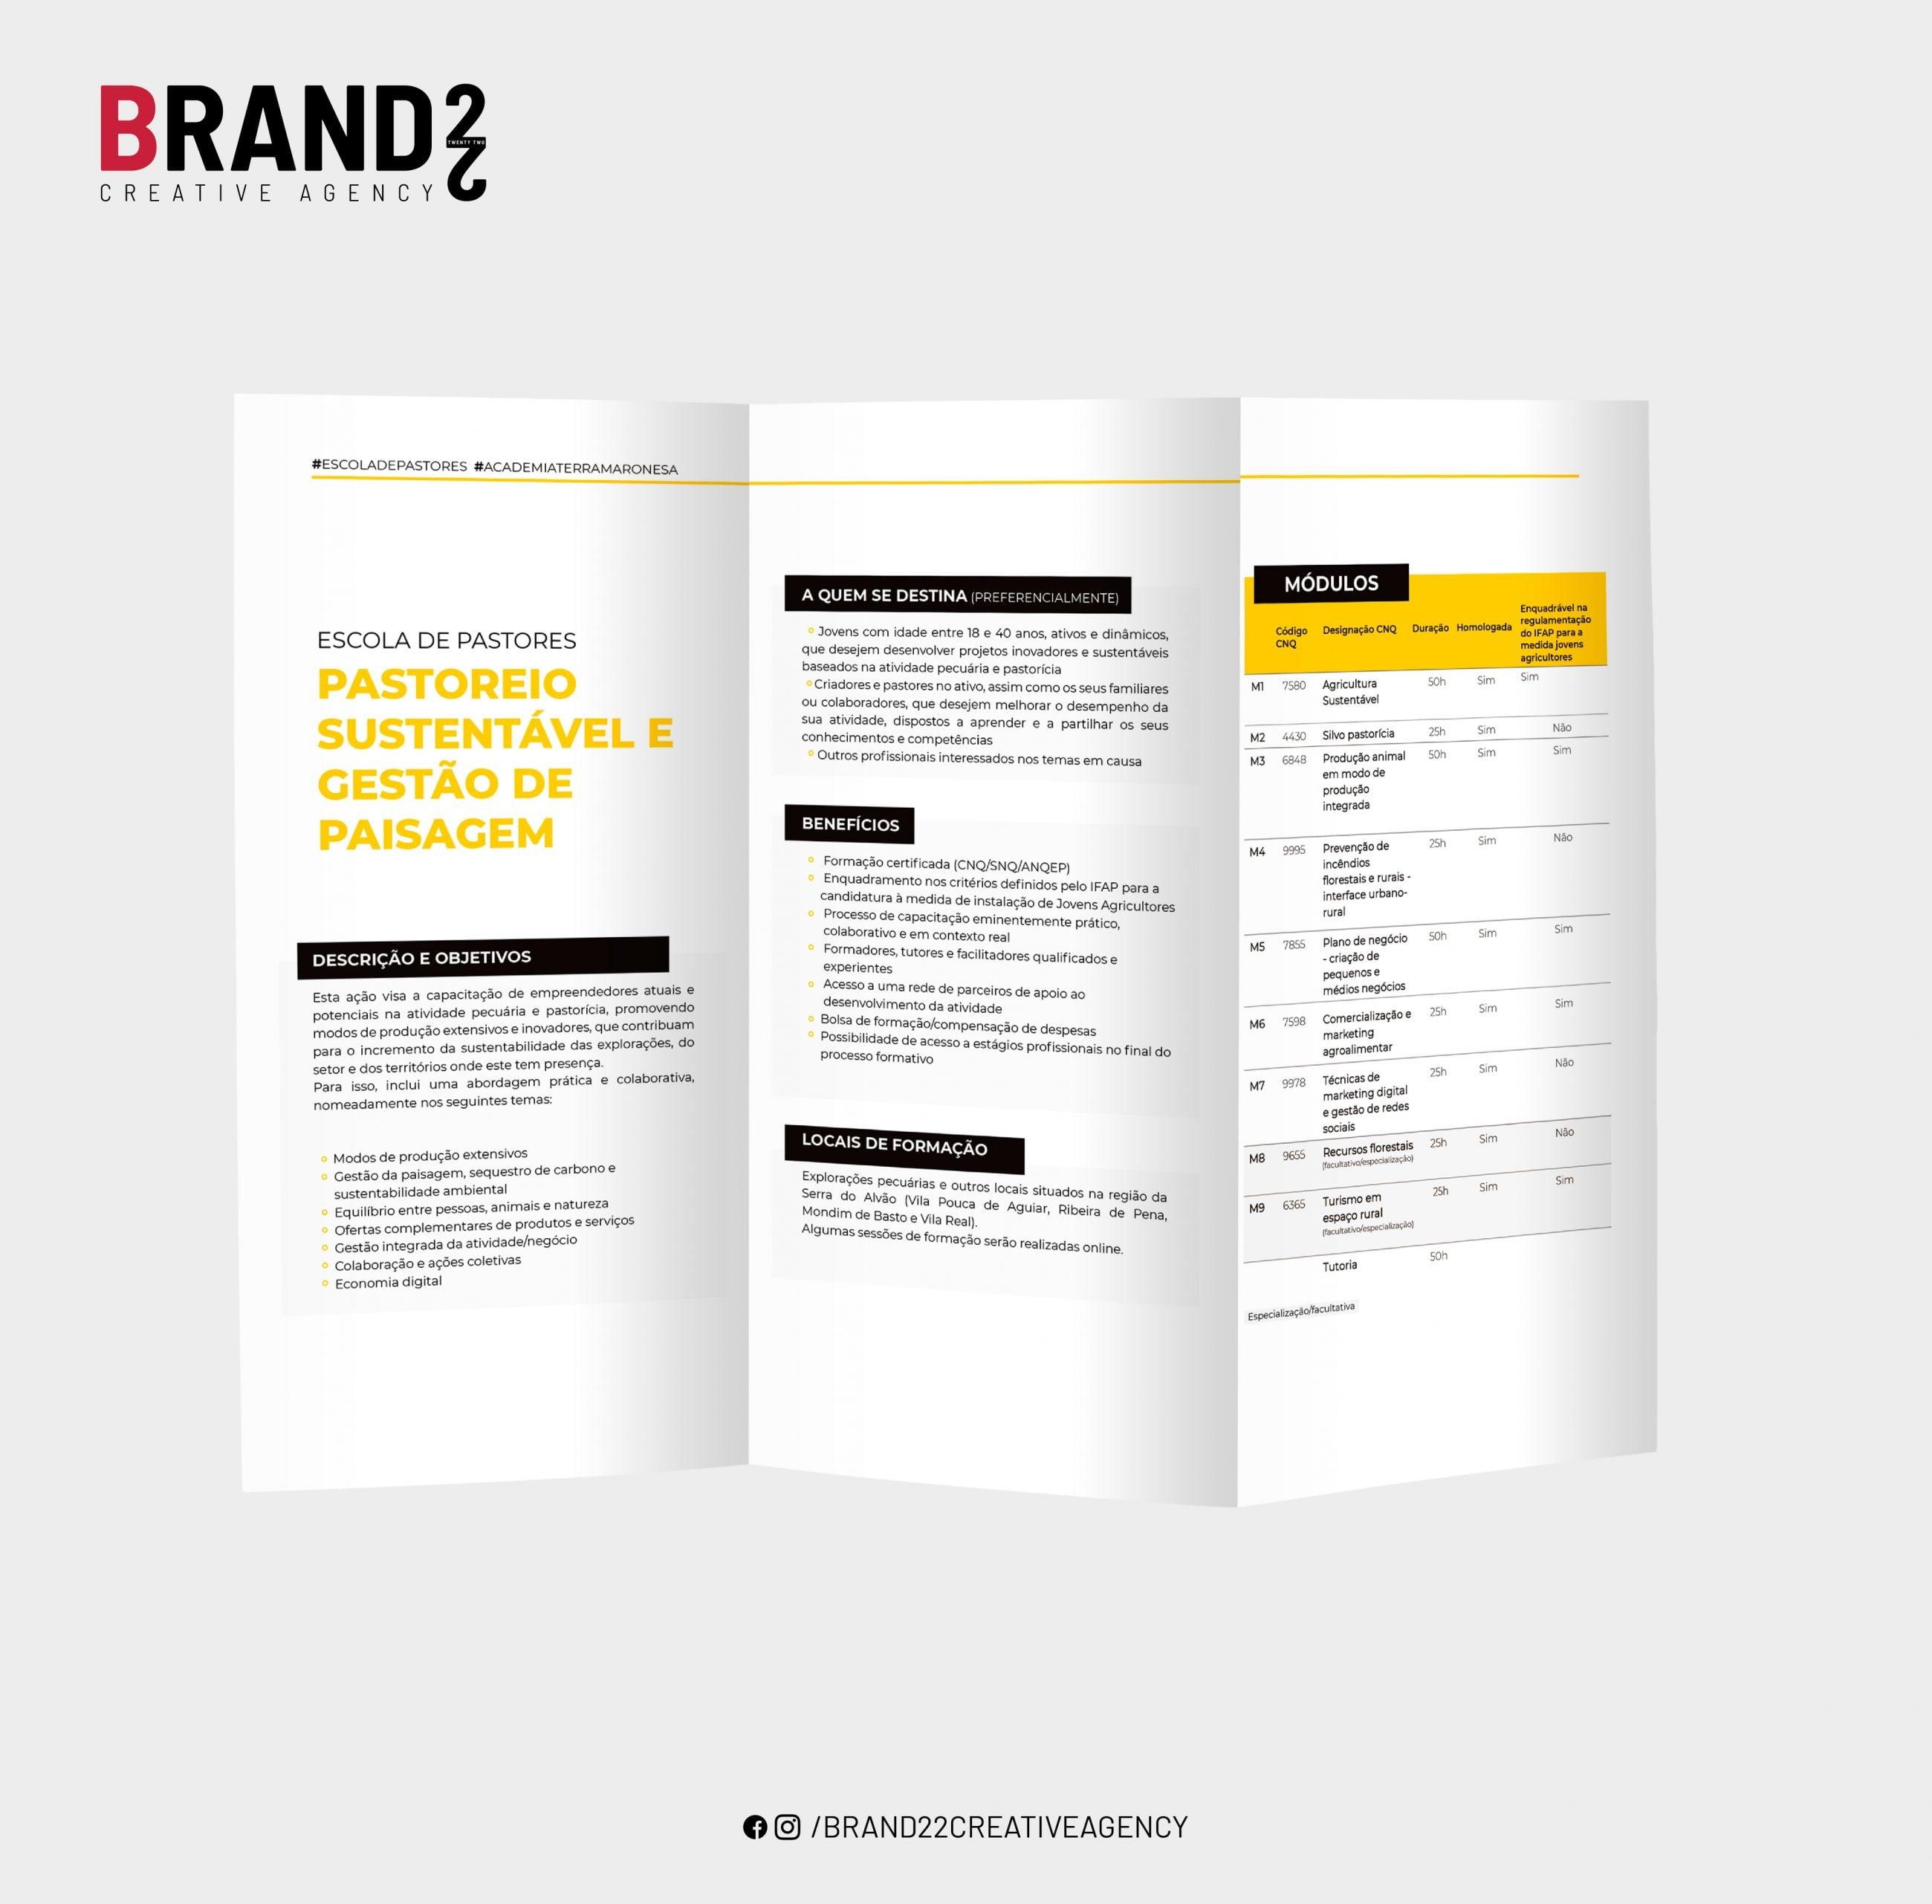 Terra Maronesa Escola de Pastores Design Brand 22 Creative Agency